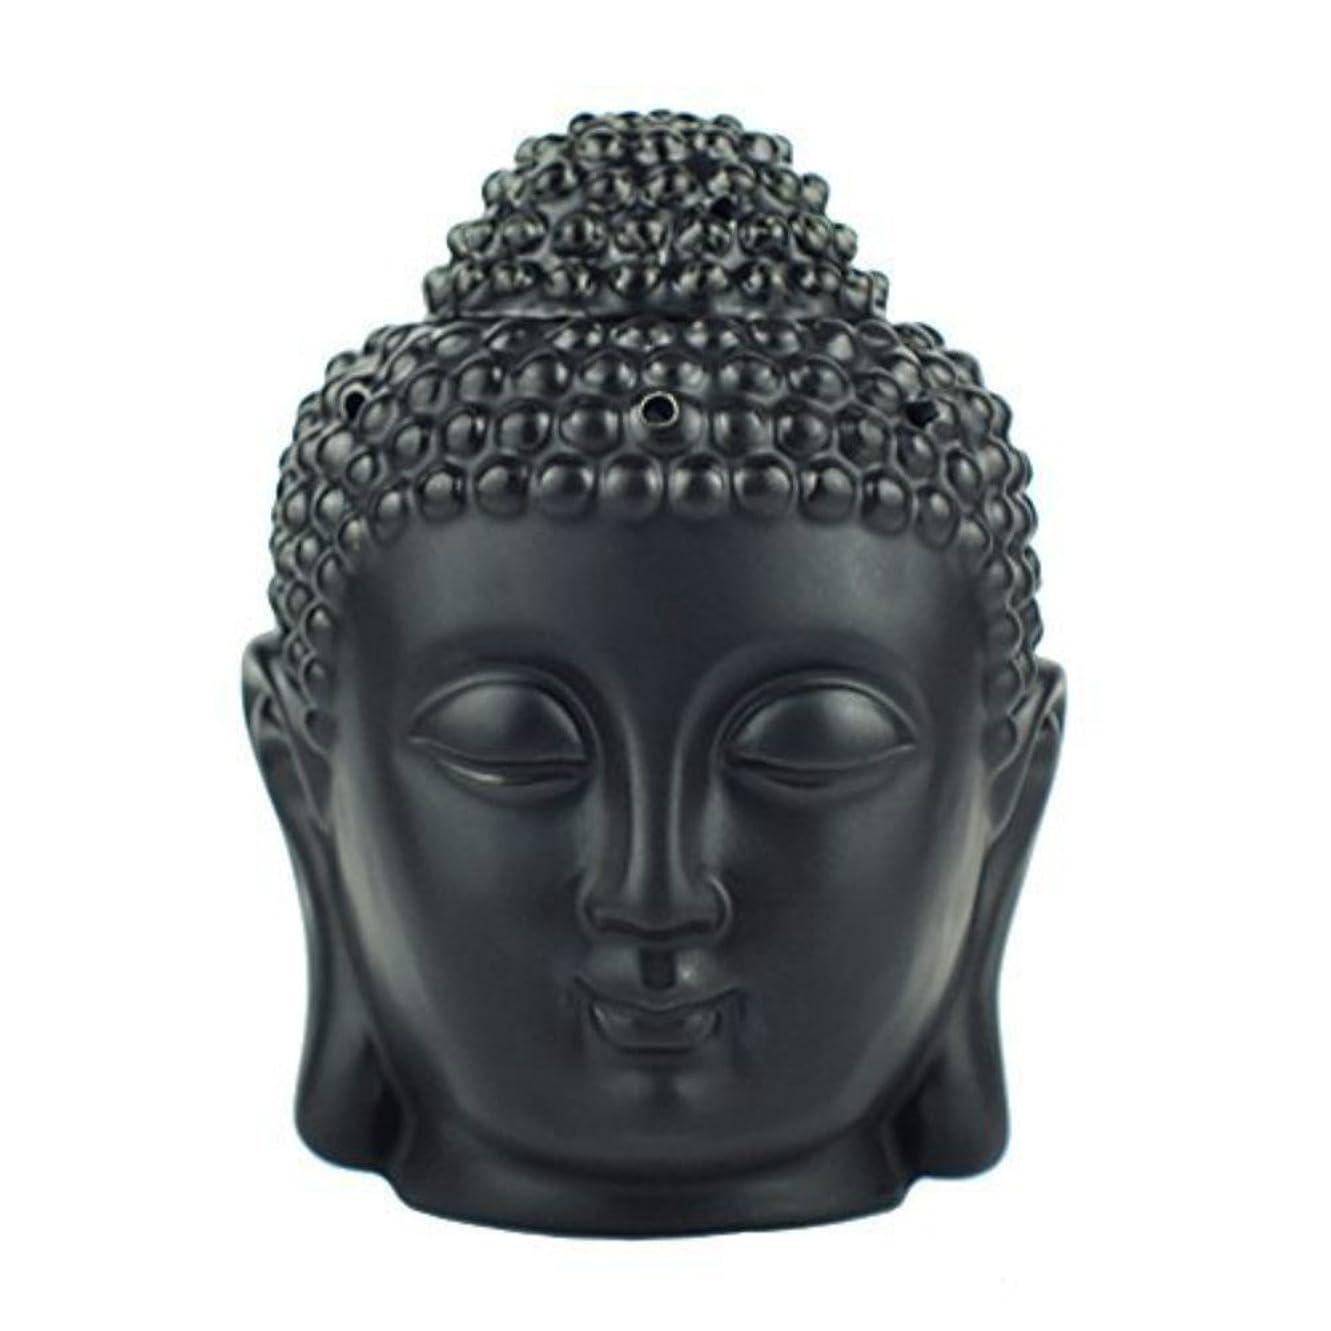 ラッカスメイト顎moylor Buddha Head Statueオイルバーナー半透明セラミックアロマセラピーDiffusers父の日のギフトとホームデコレーション(ホワイト&ブラック)